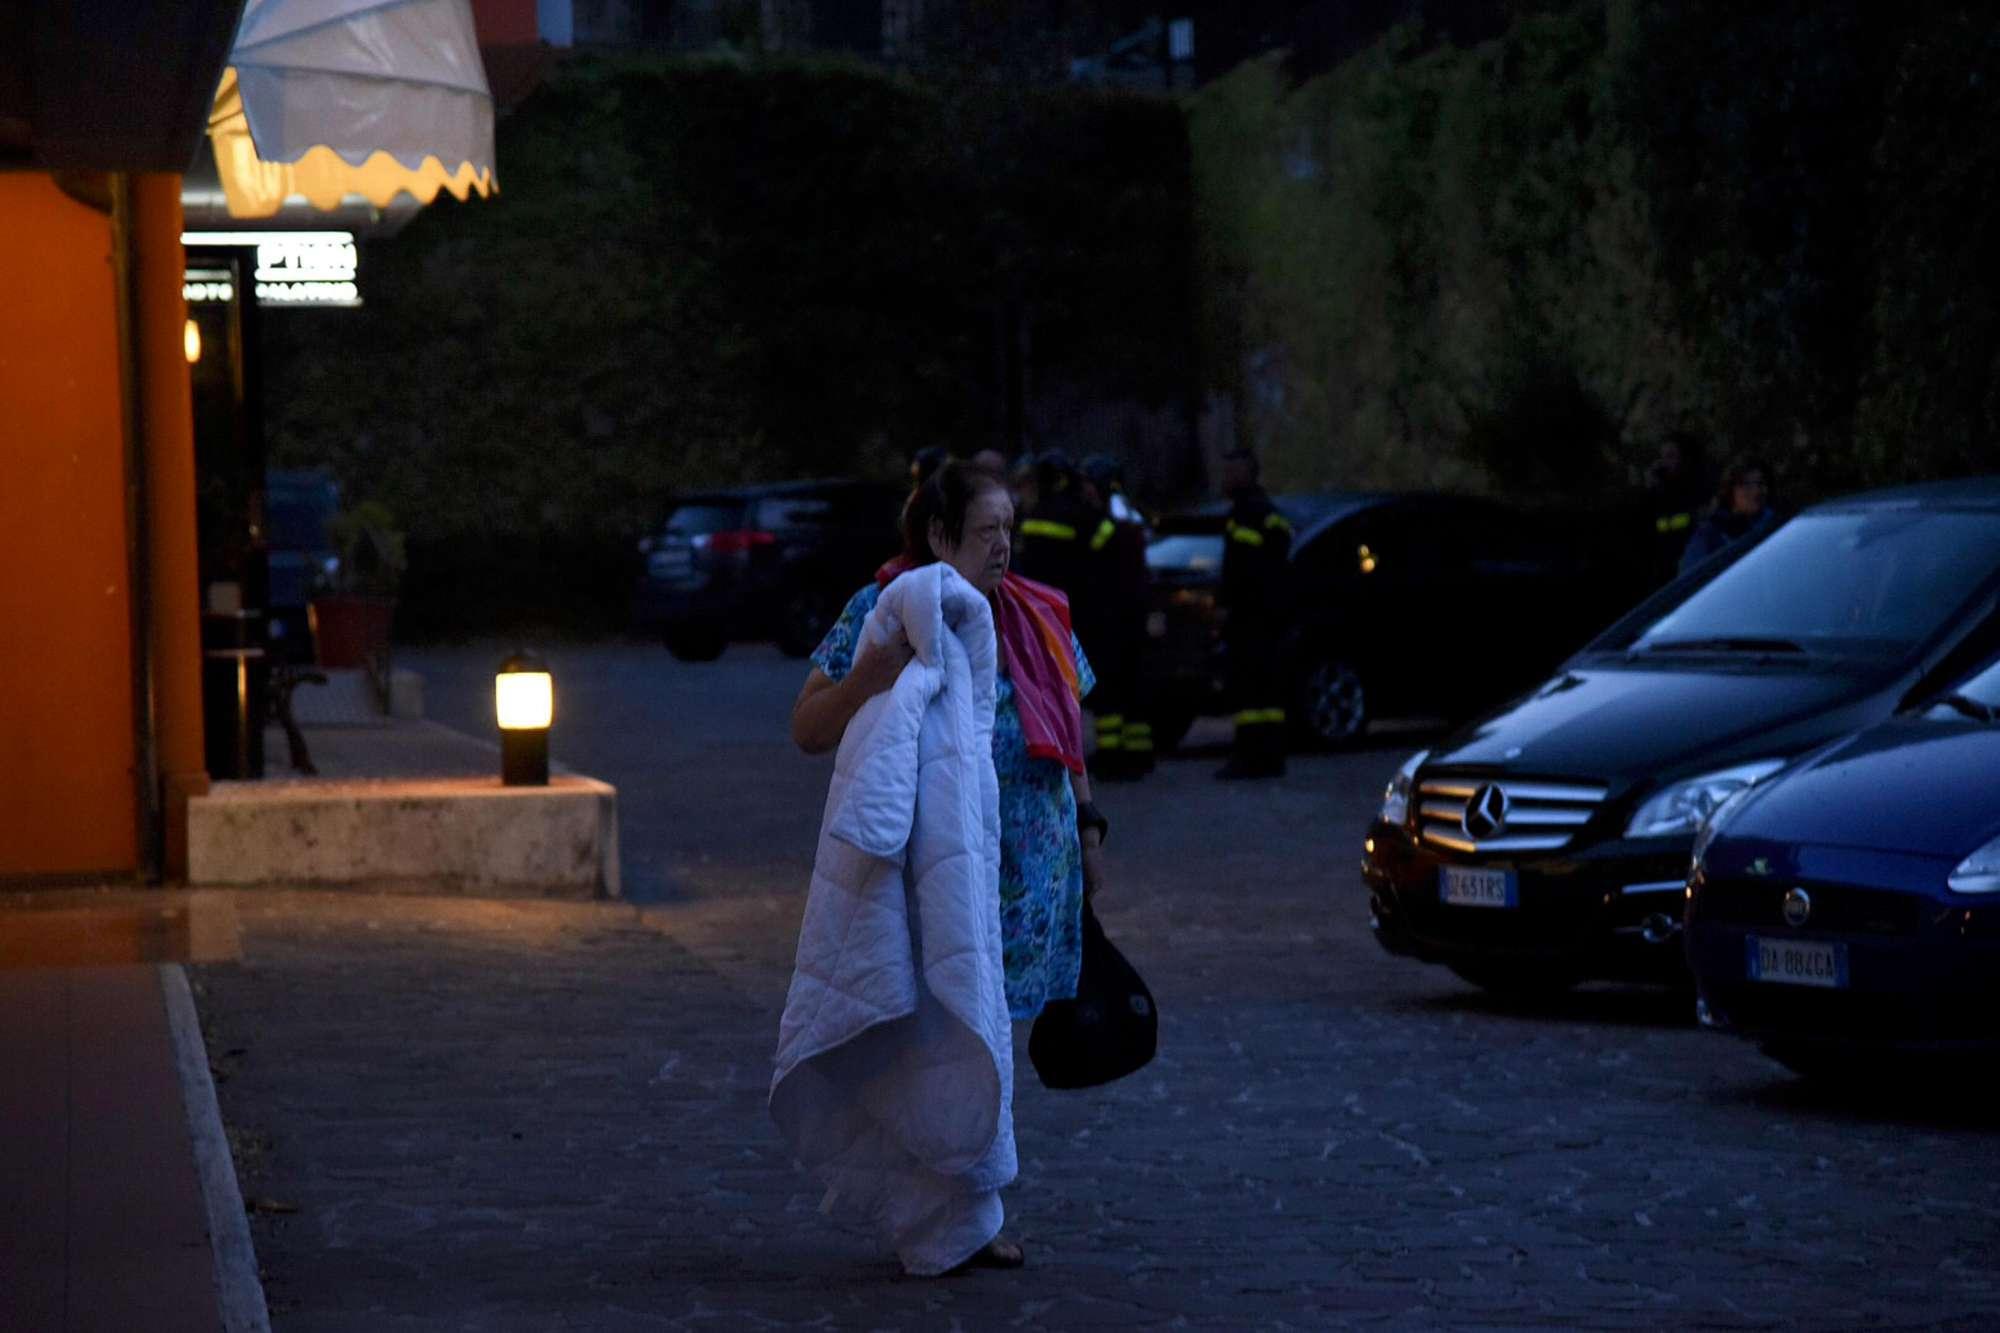 Persone passano la notte in strada a Norcia, dopo la forte scossa di terremoto della notteANSA/MATTEO CROCCHIONI